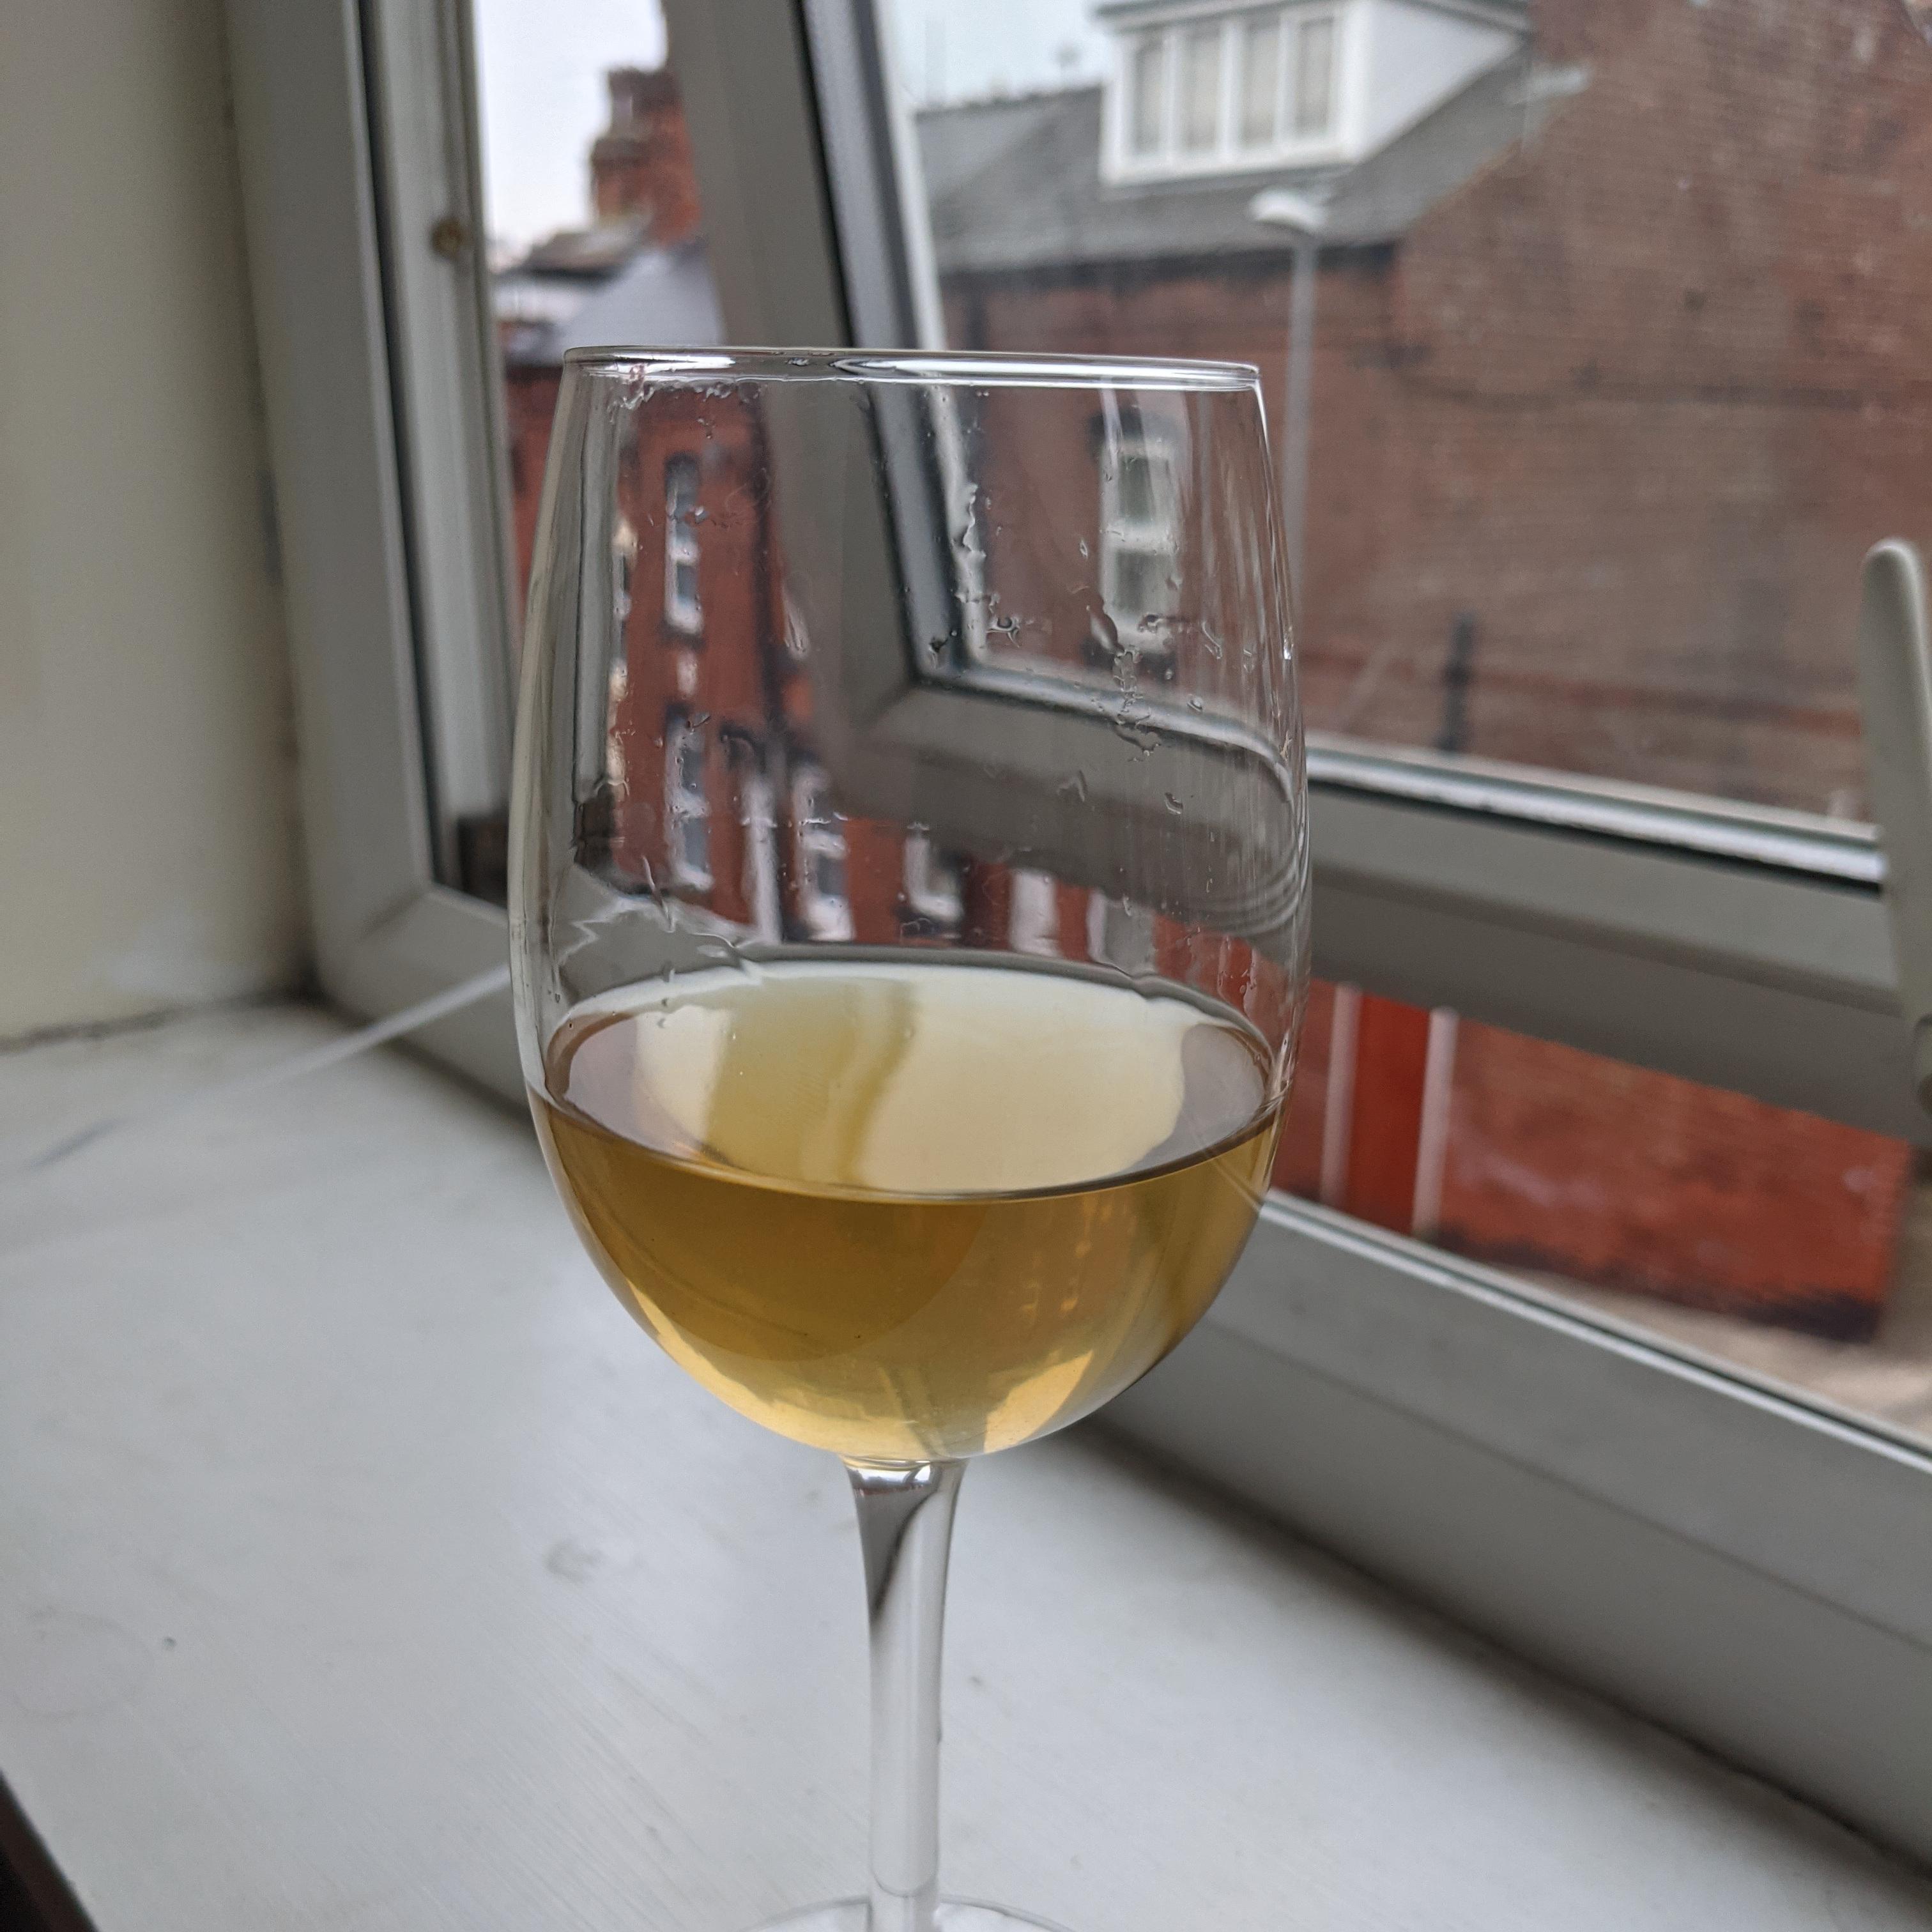 Final wine in glass